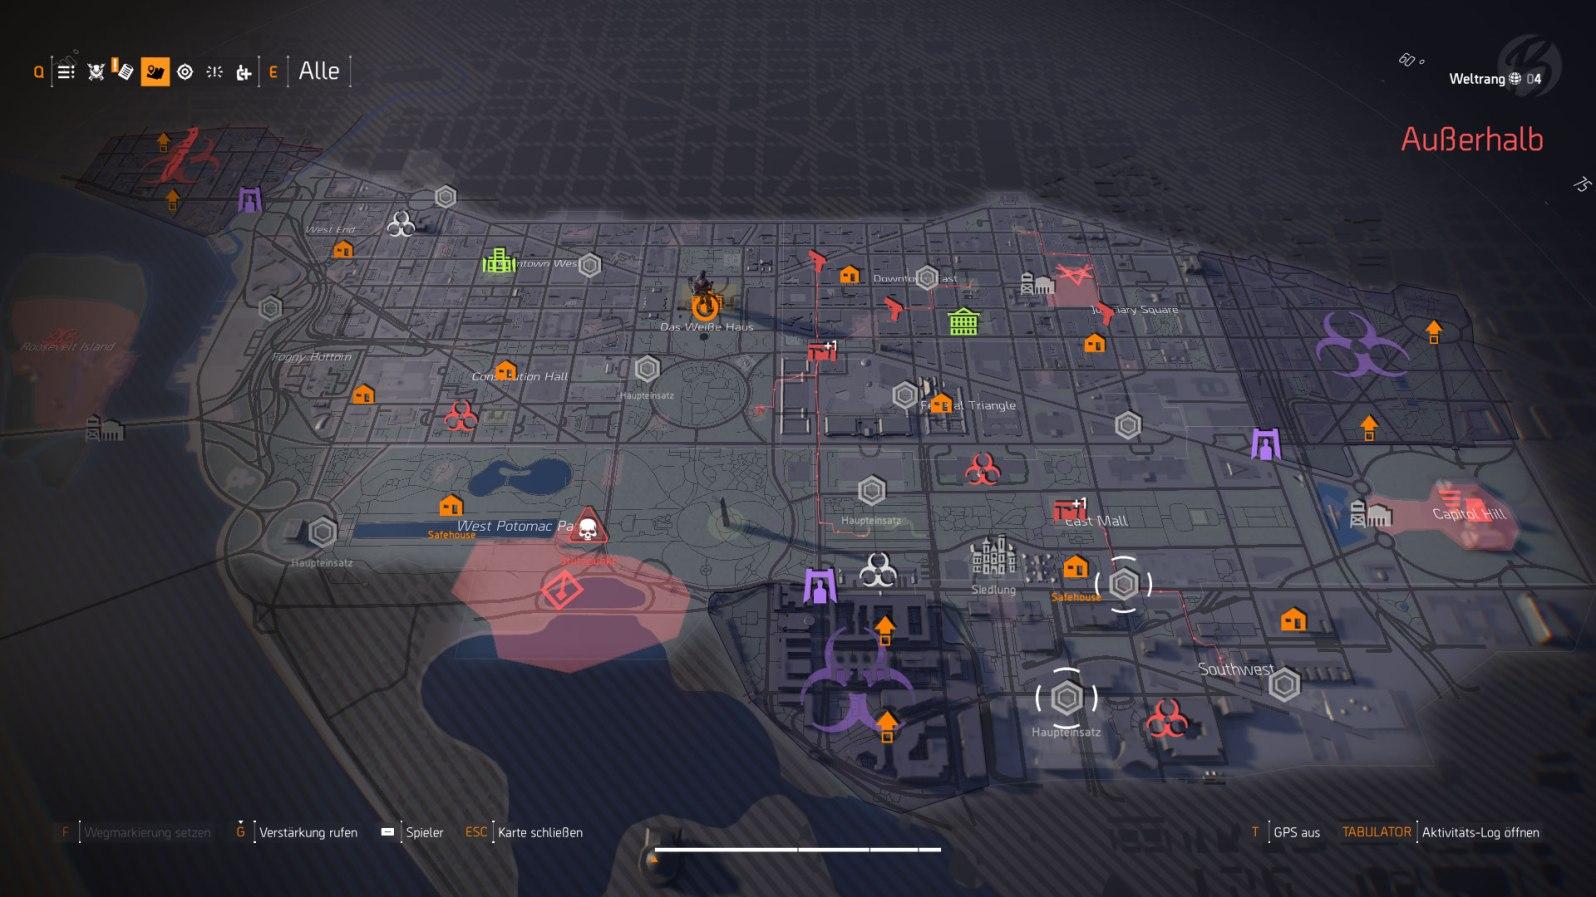 Tom Clancy's The Division 2 - Ein schneller Blick auf die Karte von Washington D.C. im Endgame zeigt uns aktuelle Invasionen, Routen der Gegner und tägliche Missionen.